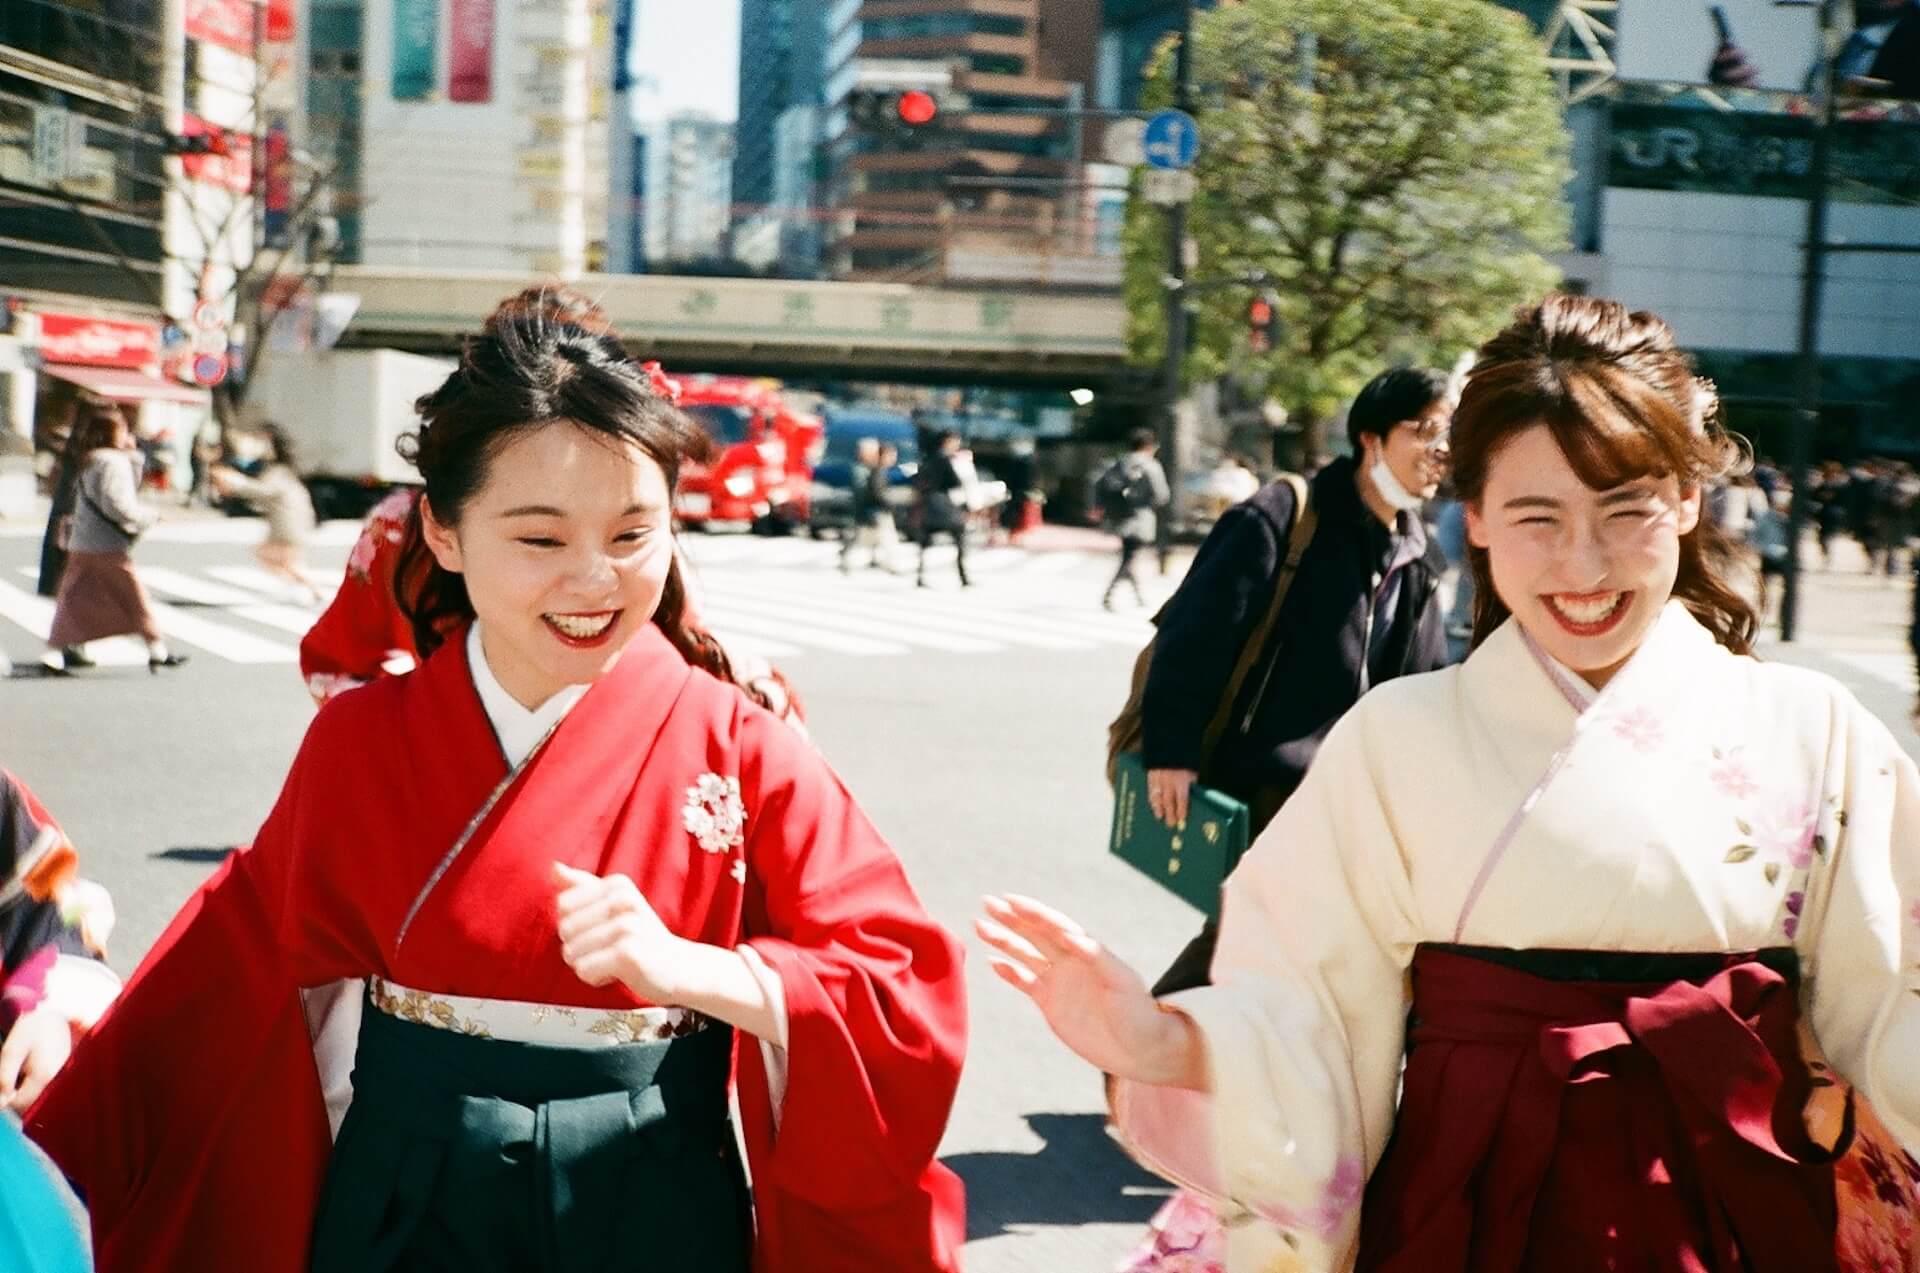 はなむけしゃしん - ぶるじょあ会「渋谷は日本のTOKYO」 art200415_hanamukeshashin5_44